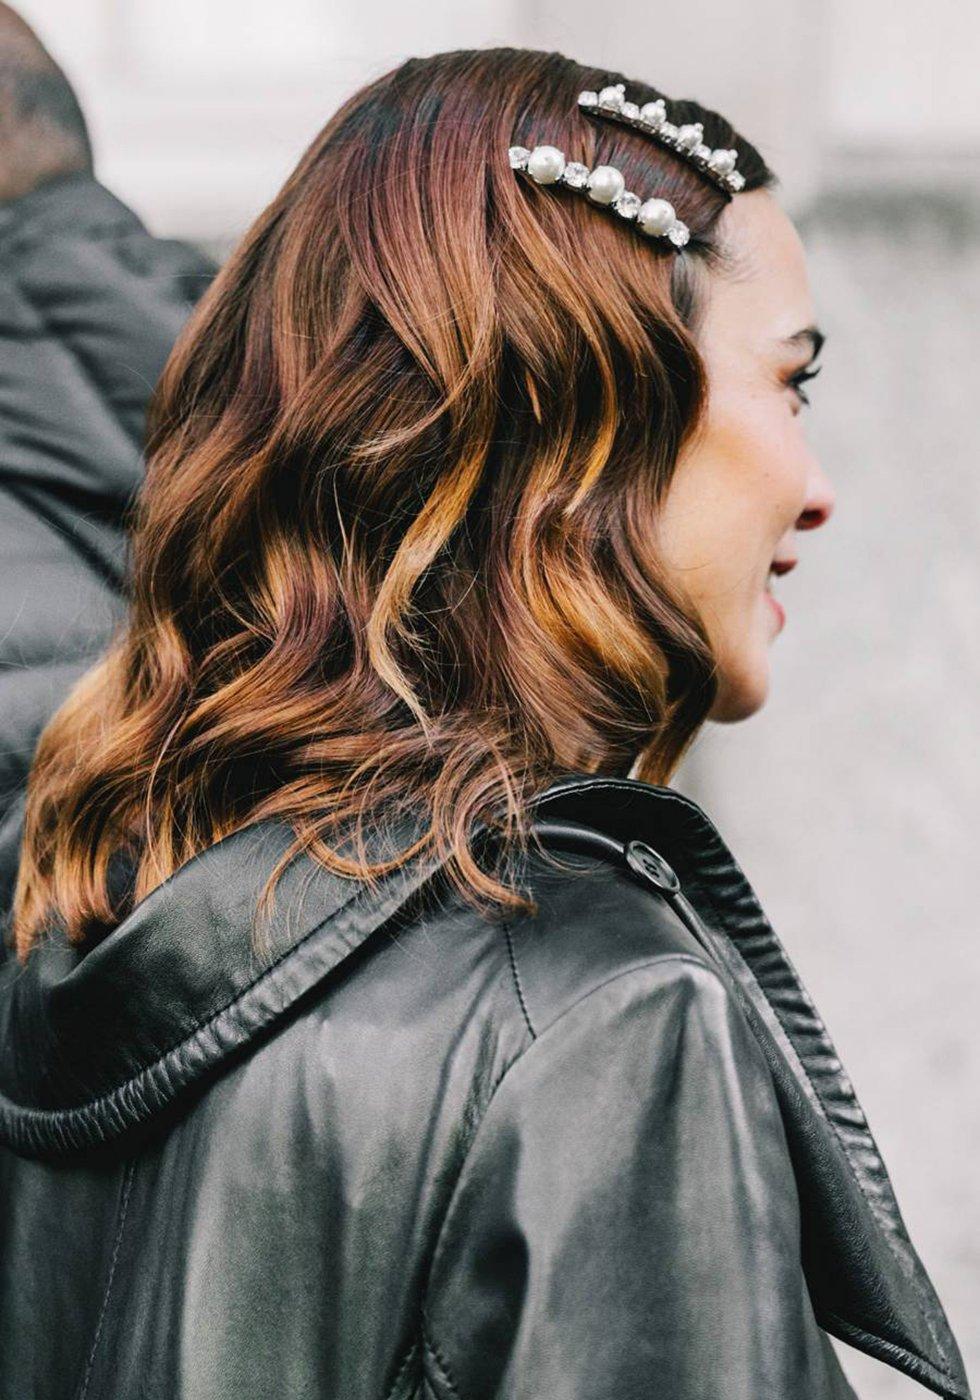 hairclips11